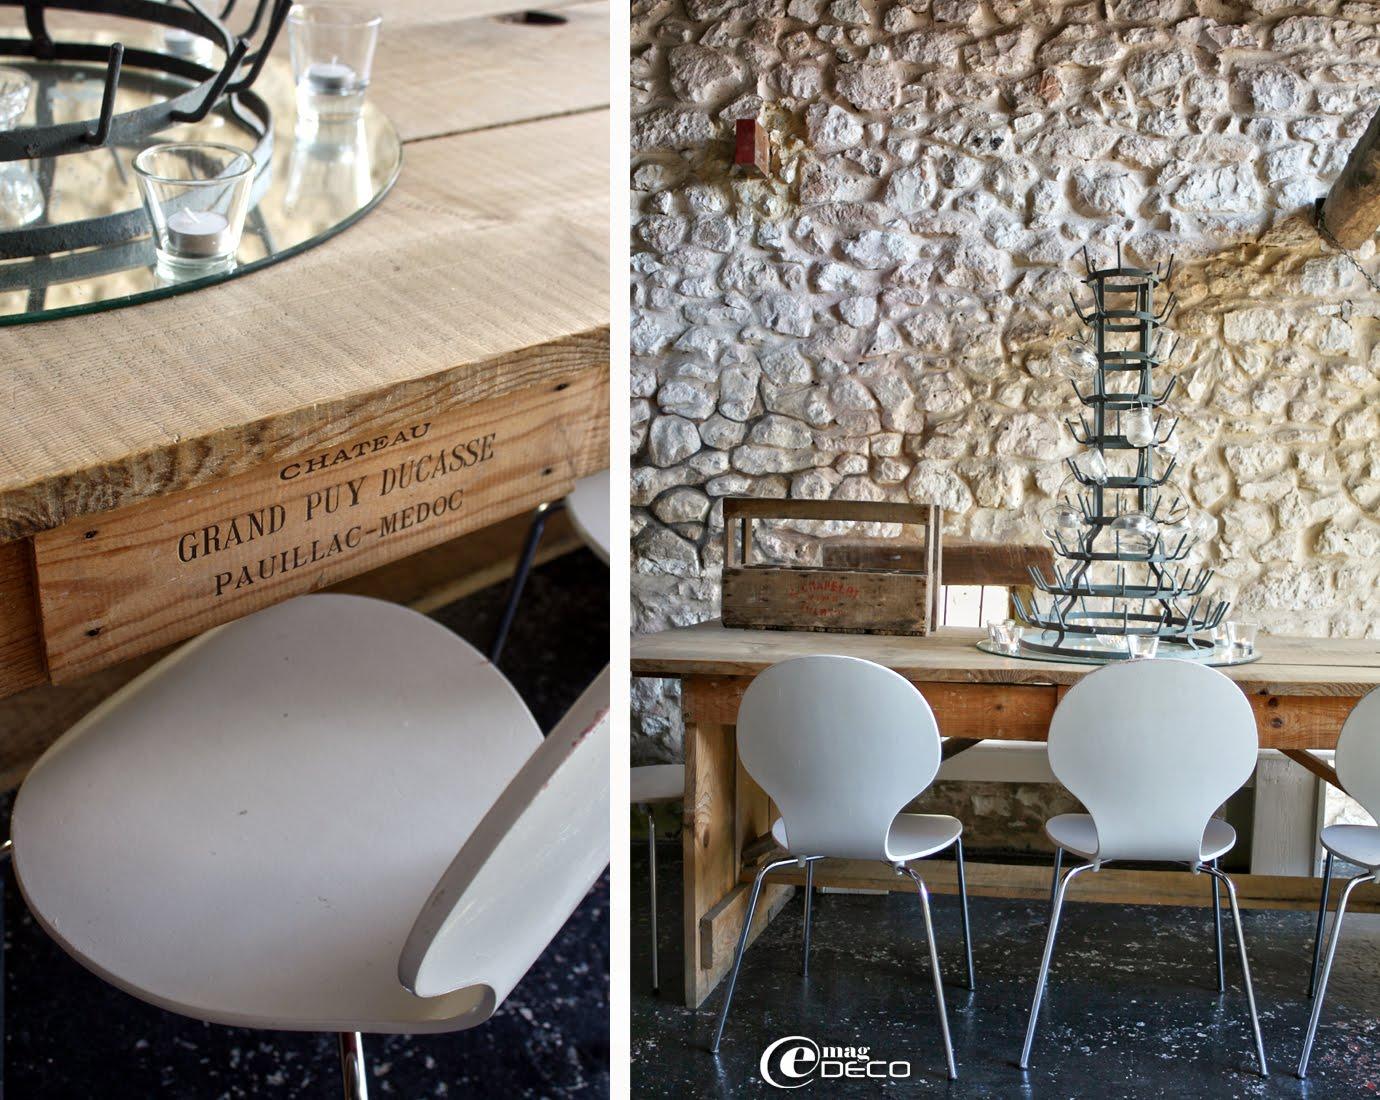 Les tables en bois brut au restaurant du Camping Les Ormes, entourées de chaises Siplec chez Ikea